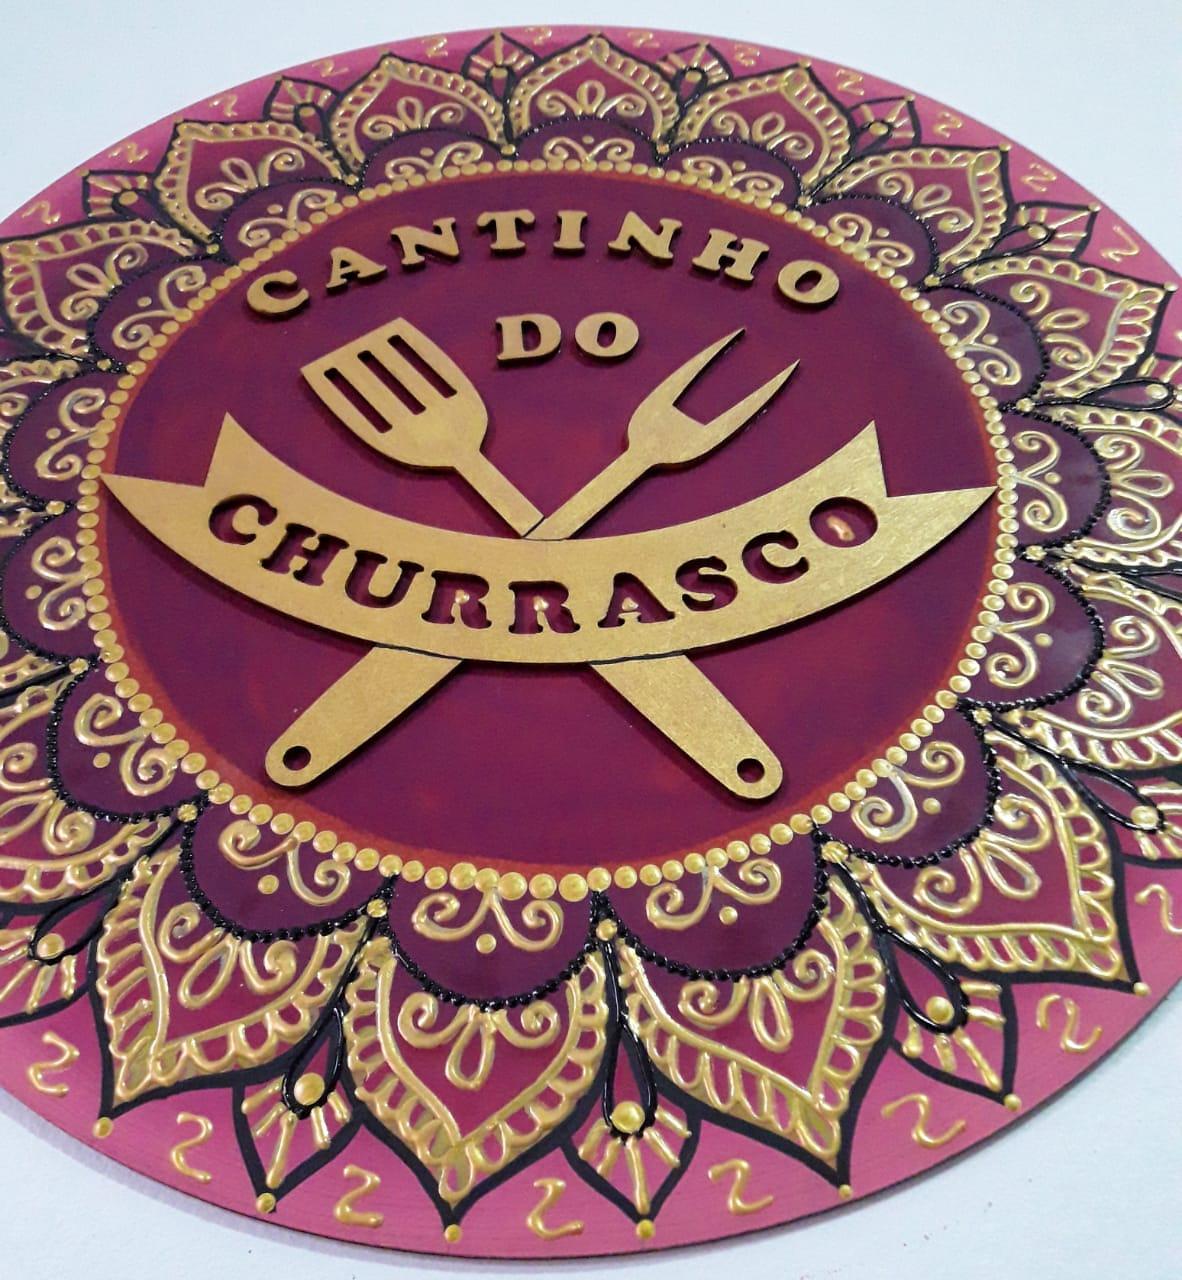 Placa Decorativa Cantinho do Churrasco Pintura Livre 35 cm CC-40